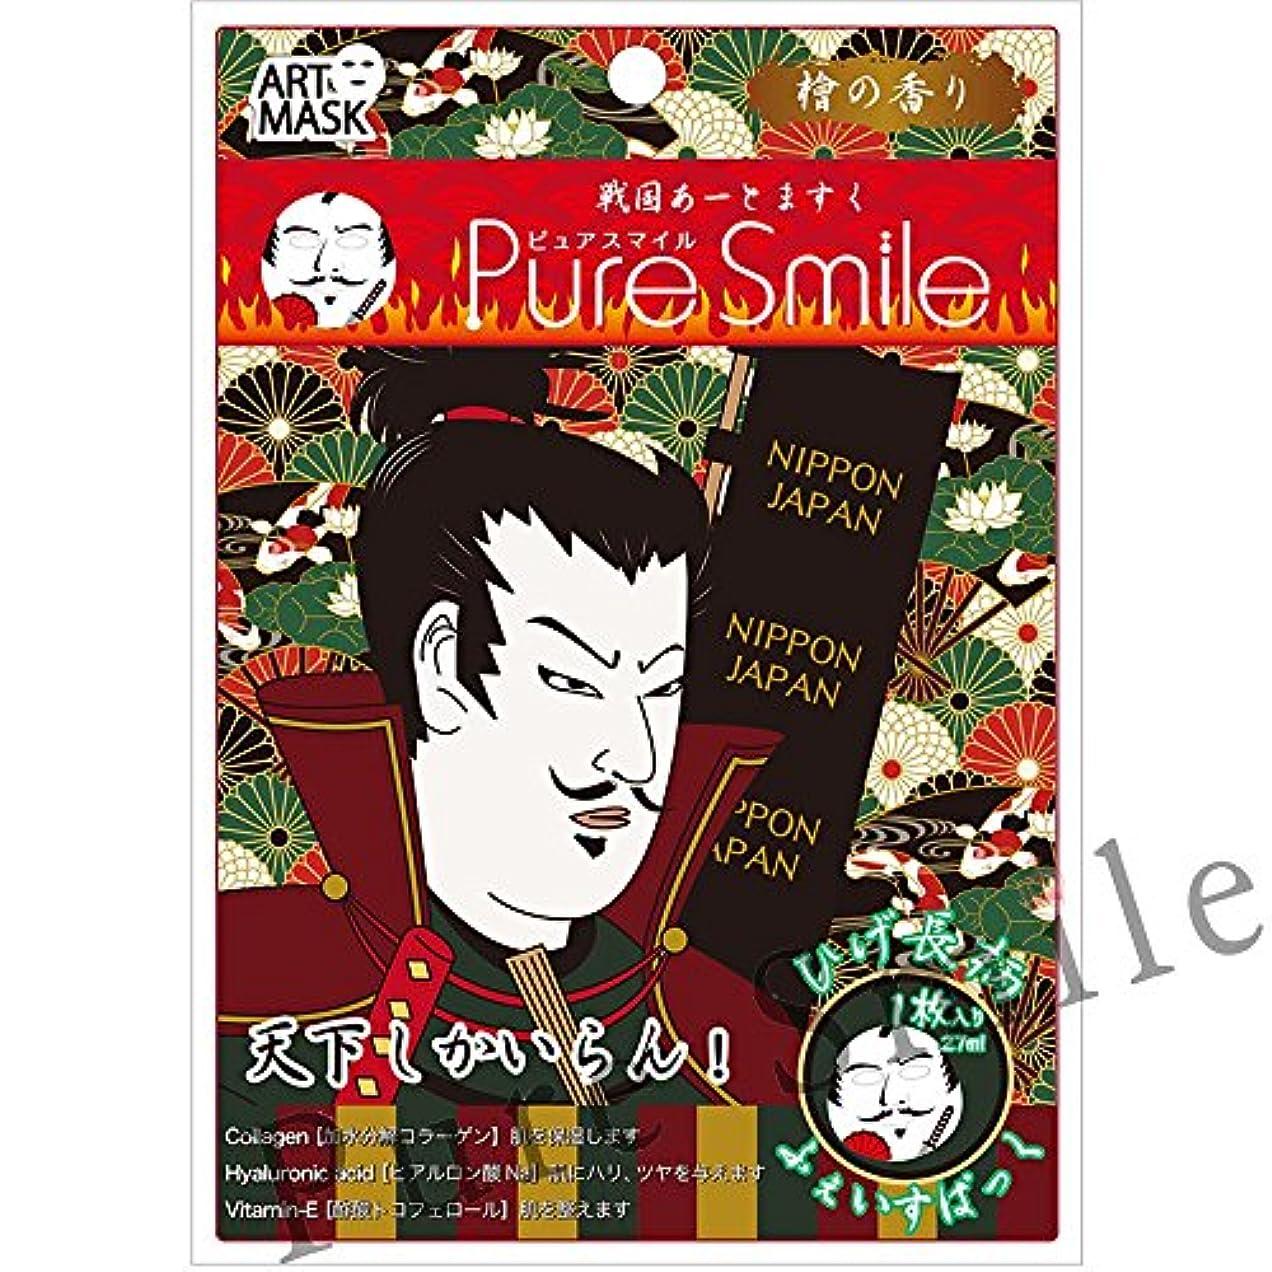 商業のシュガーエステートPure Smile(ピュアスマイル) フェイスマスク/アートマスク『戦国アートマスク』(ひげ長/檜の香り)